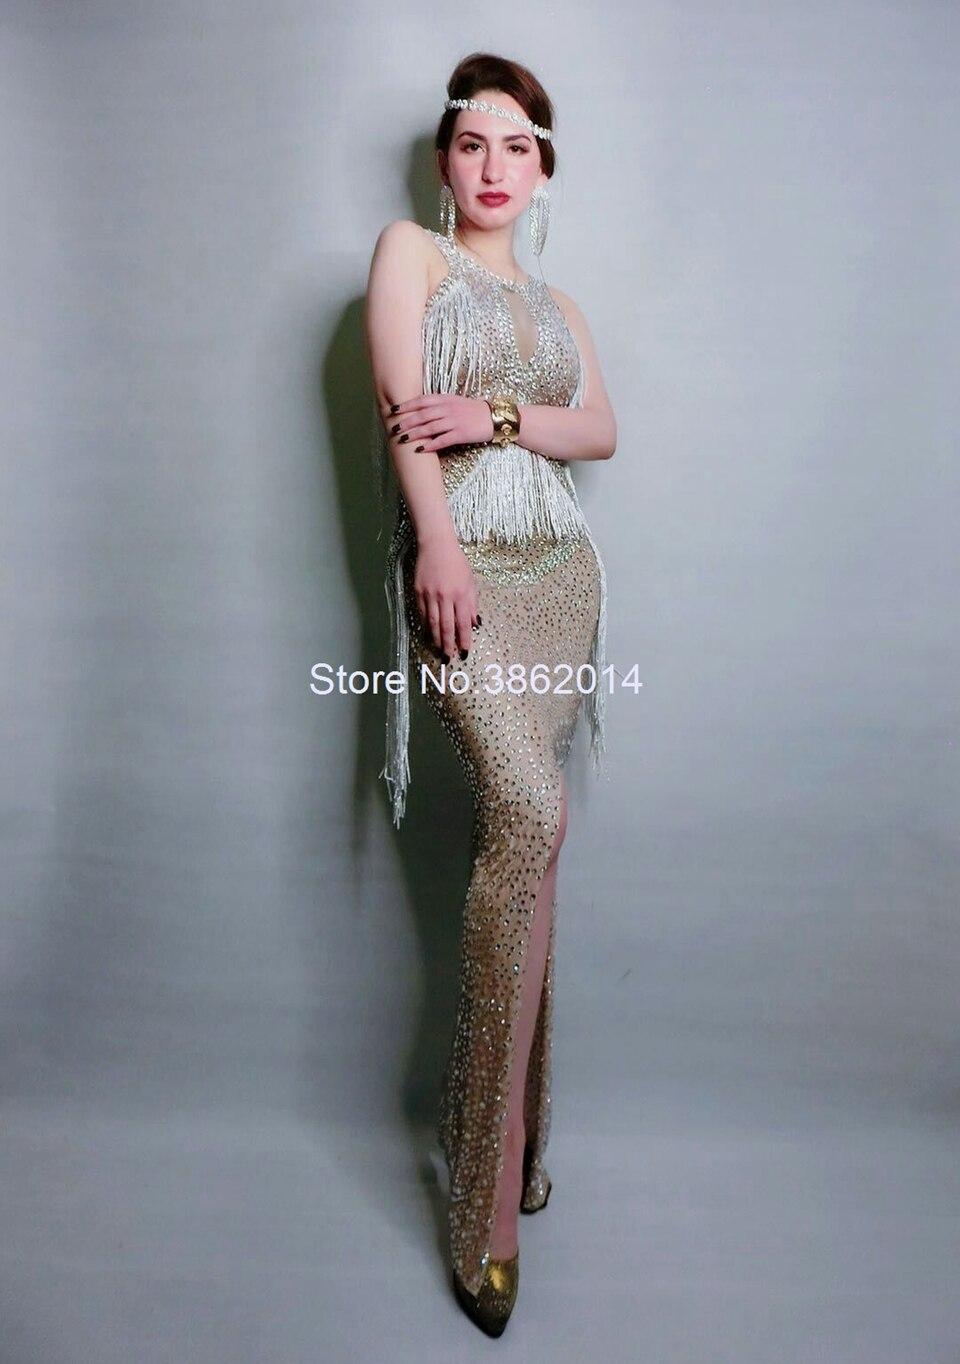 Sparkly cristais franja vestido cantor desempenho traje festa de aniversário celebridade cheia strass vestidos sem mangas vestido longo - 3